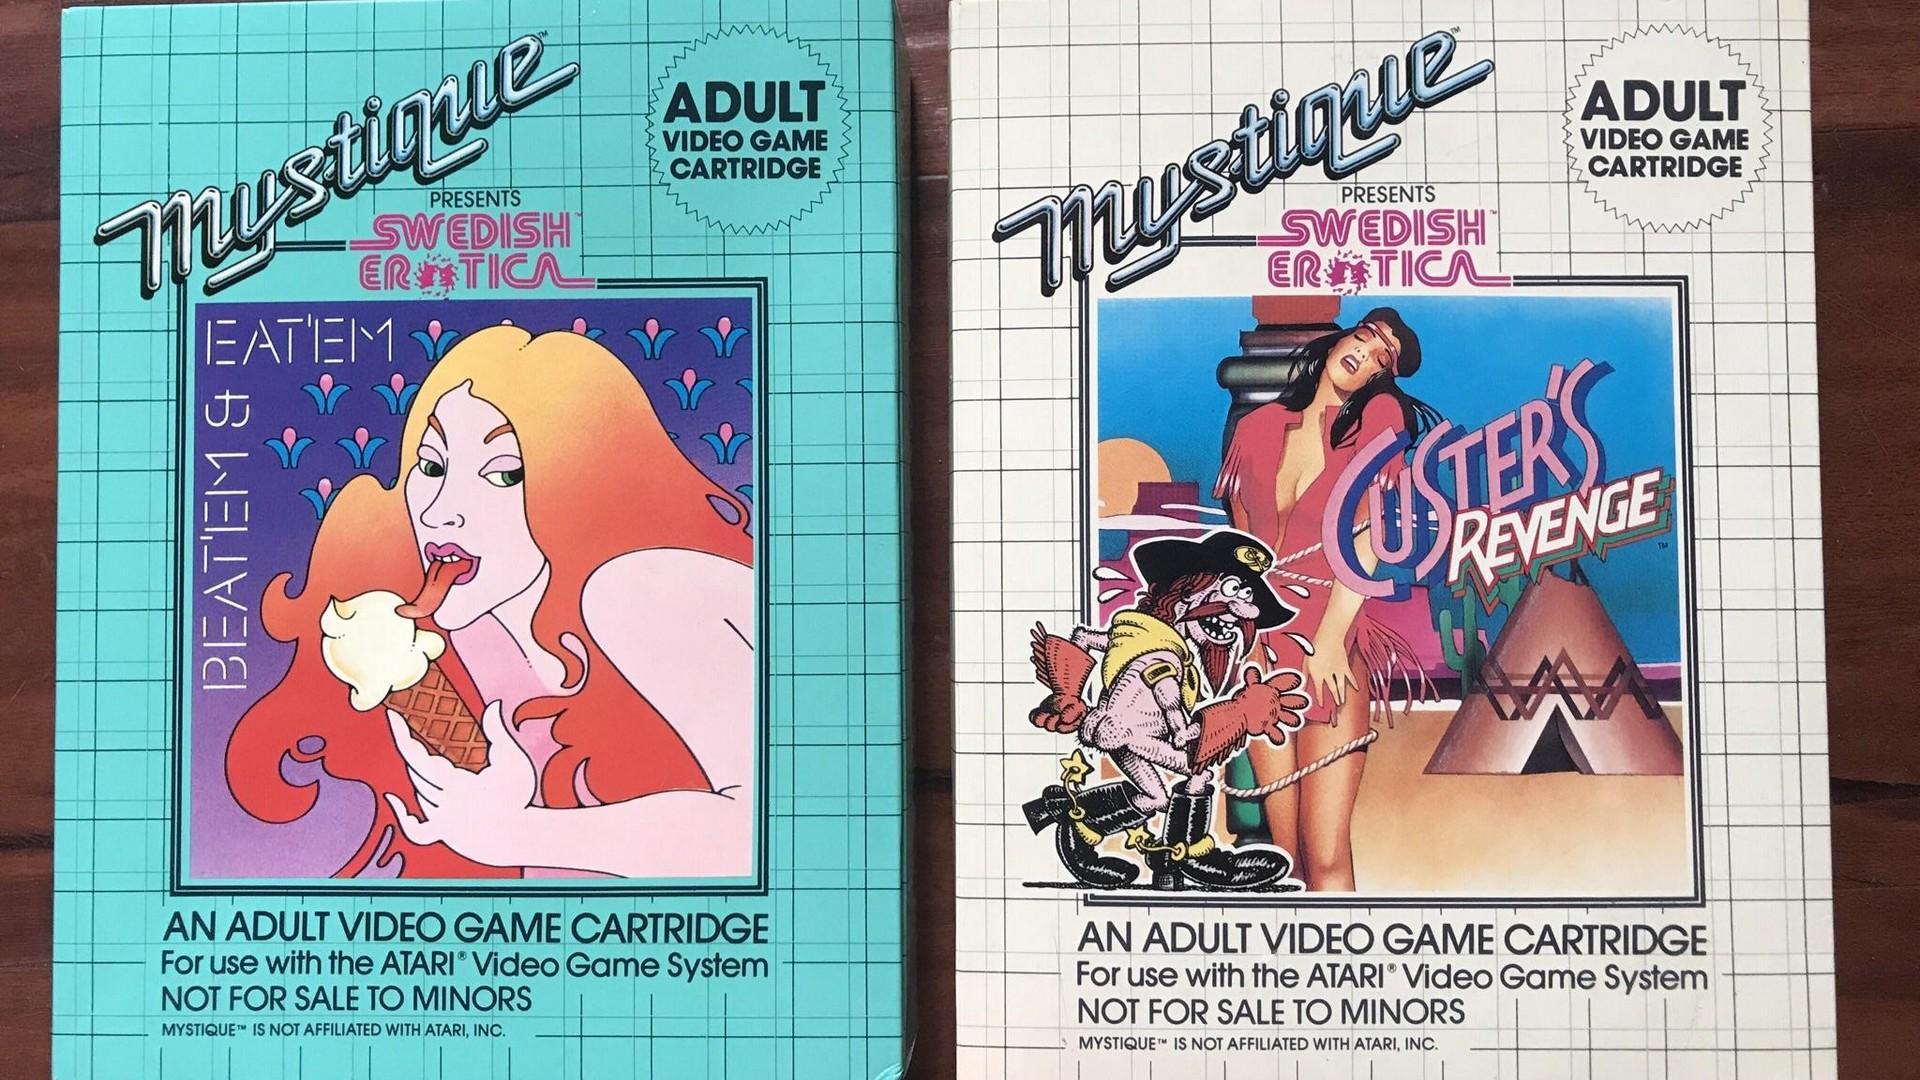 Os jogos de conteudo adulto da Atari